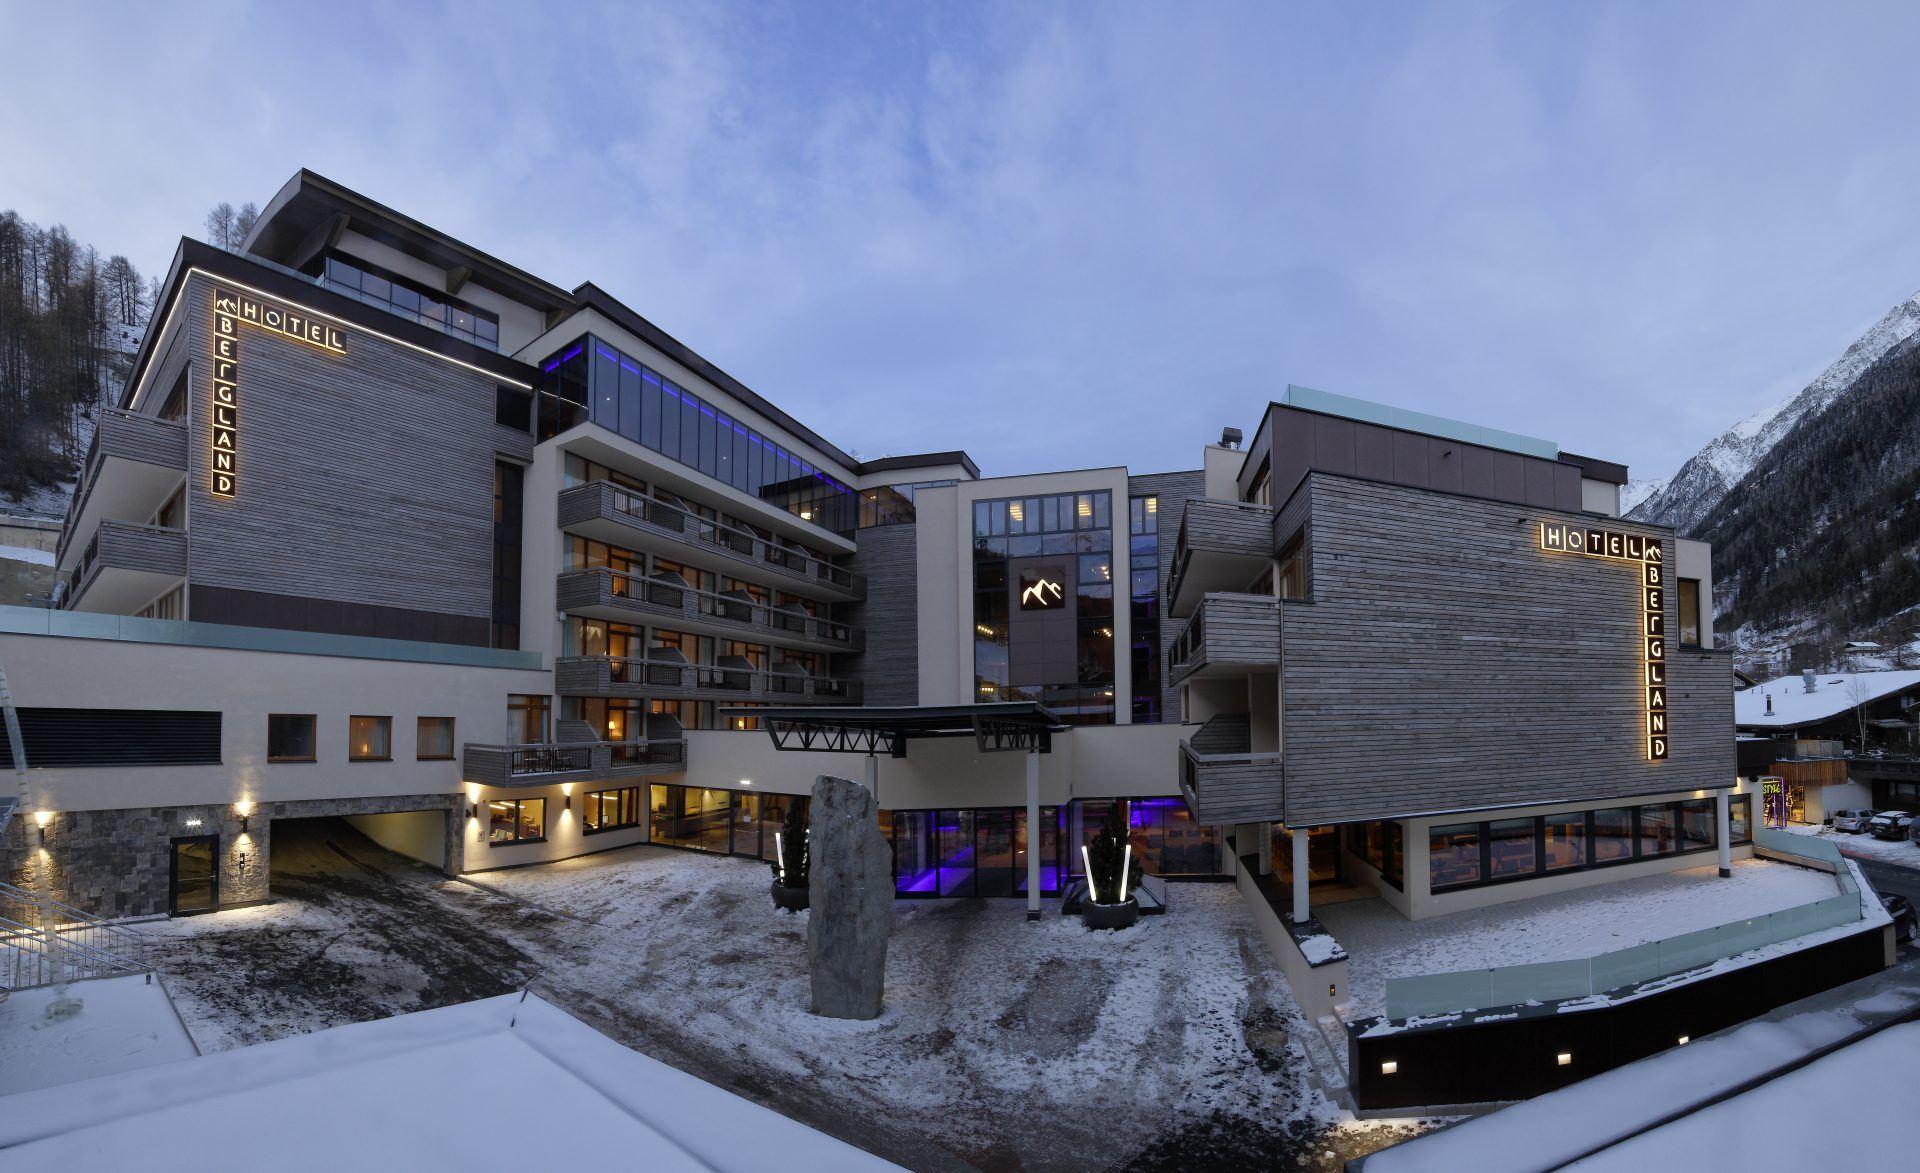 Winterliche Außenansicht des Wellness und Designhotels Bergland in Sölden Ötztal 1920x1173 - Bergland Design- und Wellnesshotel, Sölden